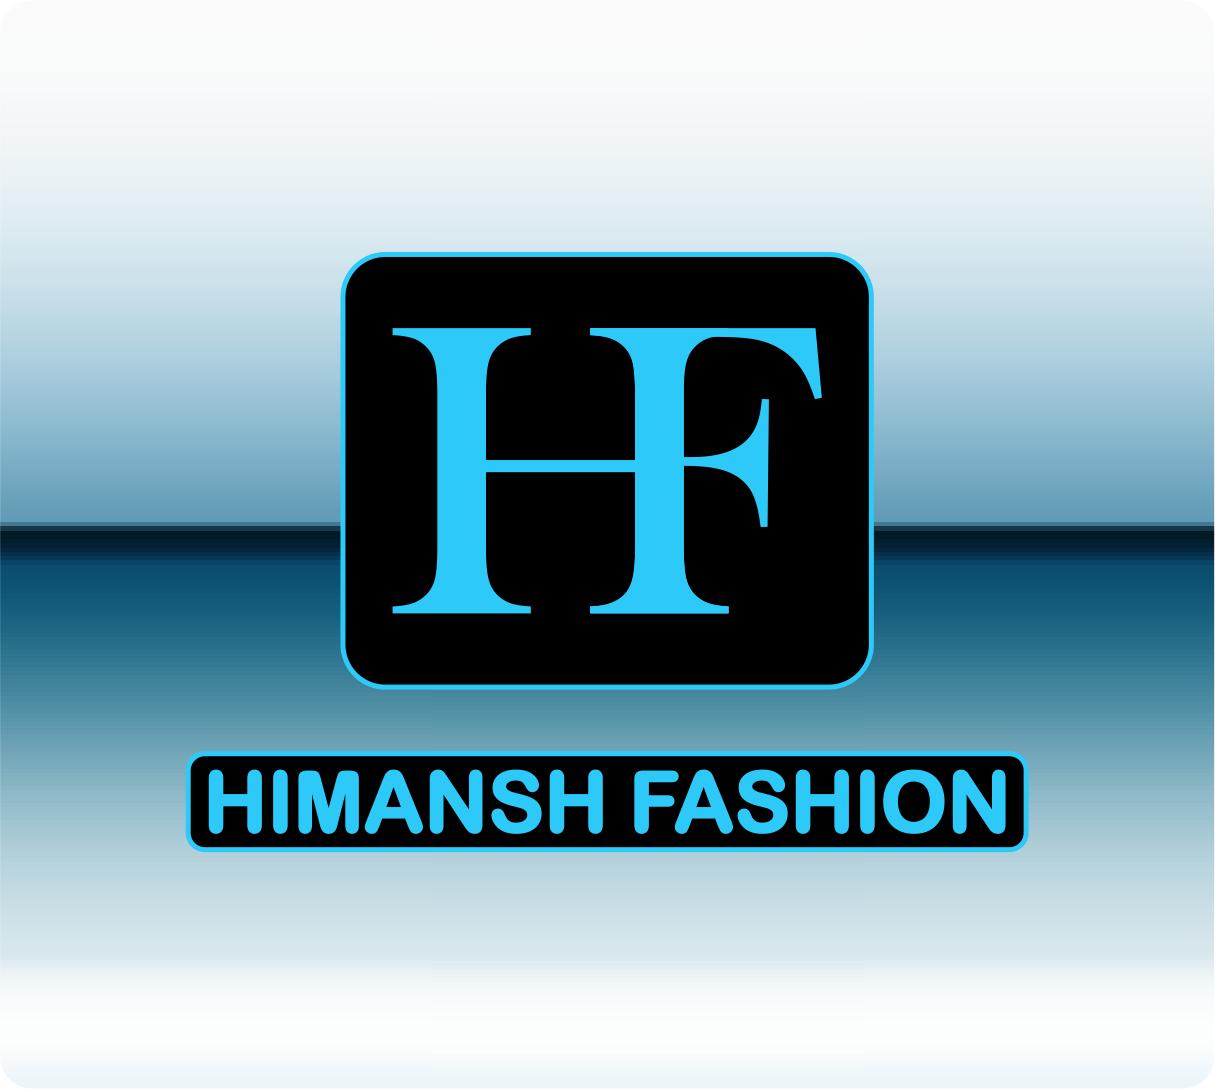 Himasnh Fashion